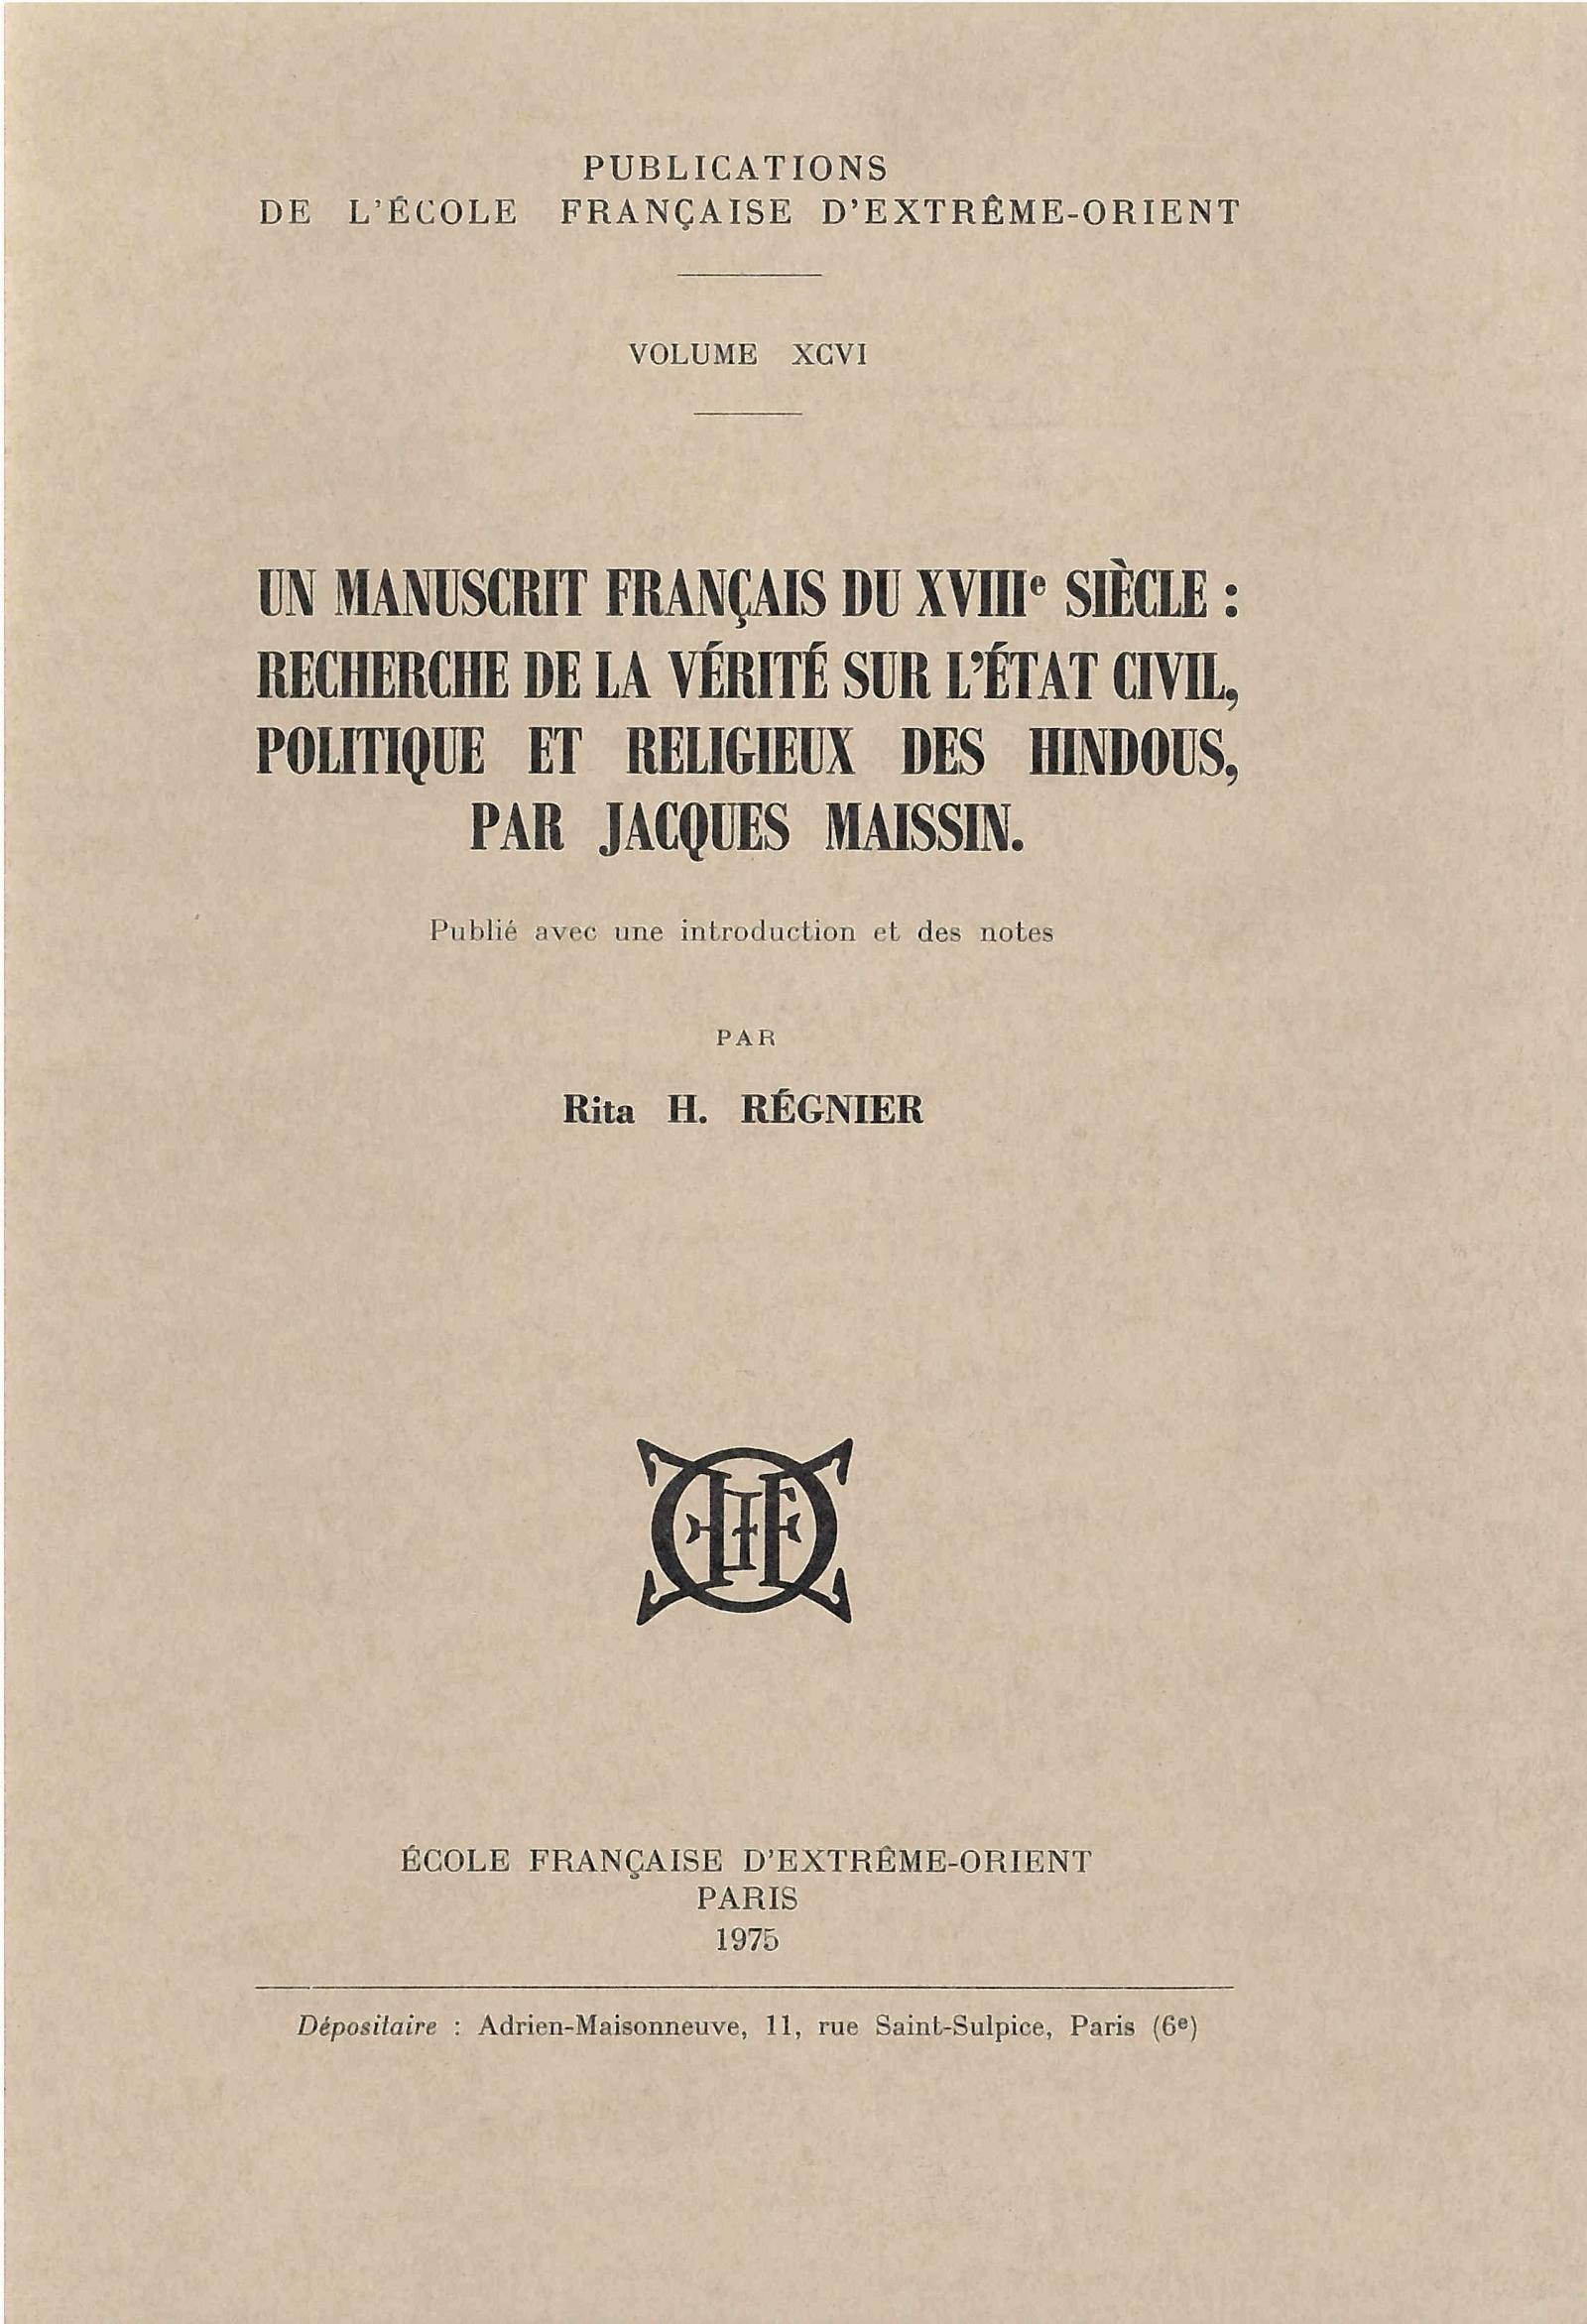 Un manuscrit français du XVIIIe siècle: recherche de la vérité sur l'état civil, politique et religieux des hindous